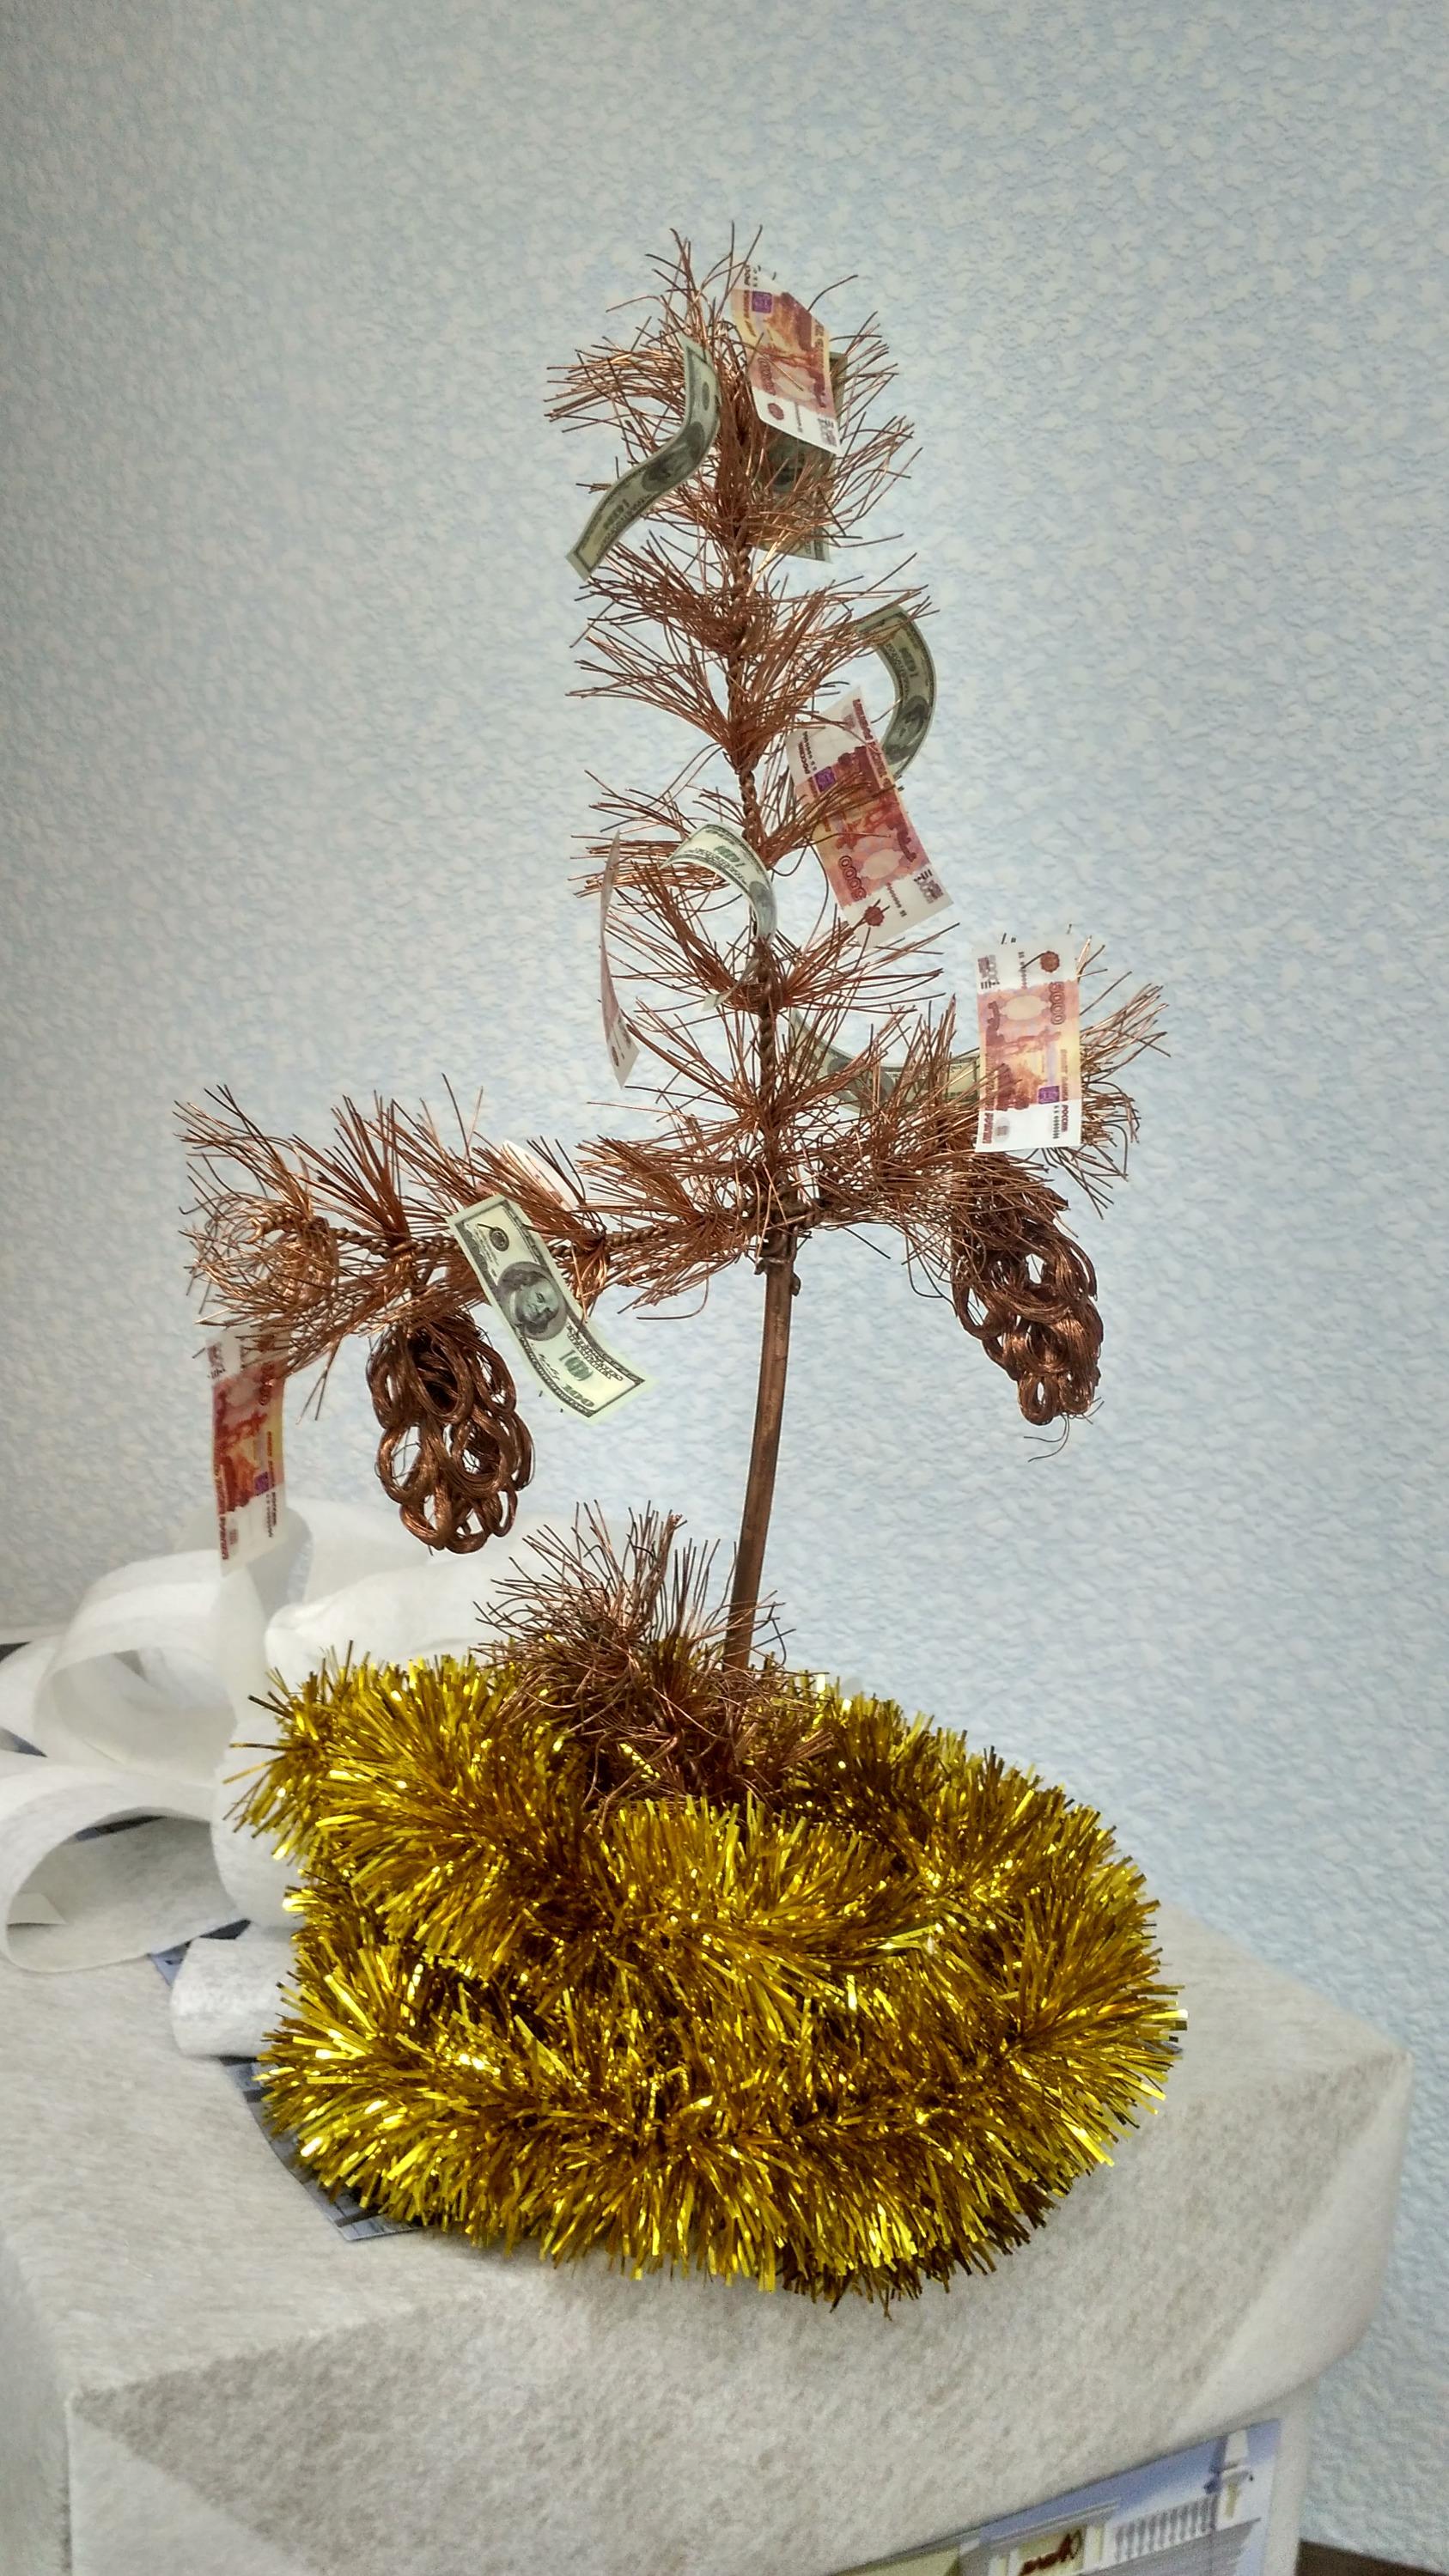 Медная ёлка от АО «Уралэлектромедь», украшенная деньгами. Да, небедно живут ребята!